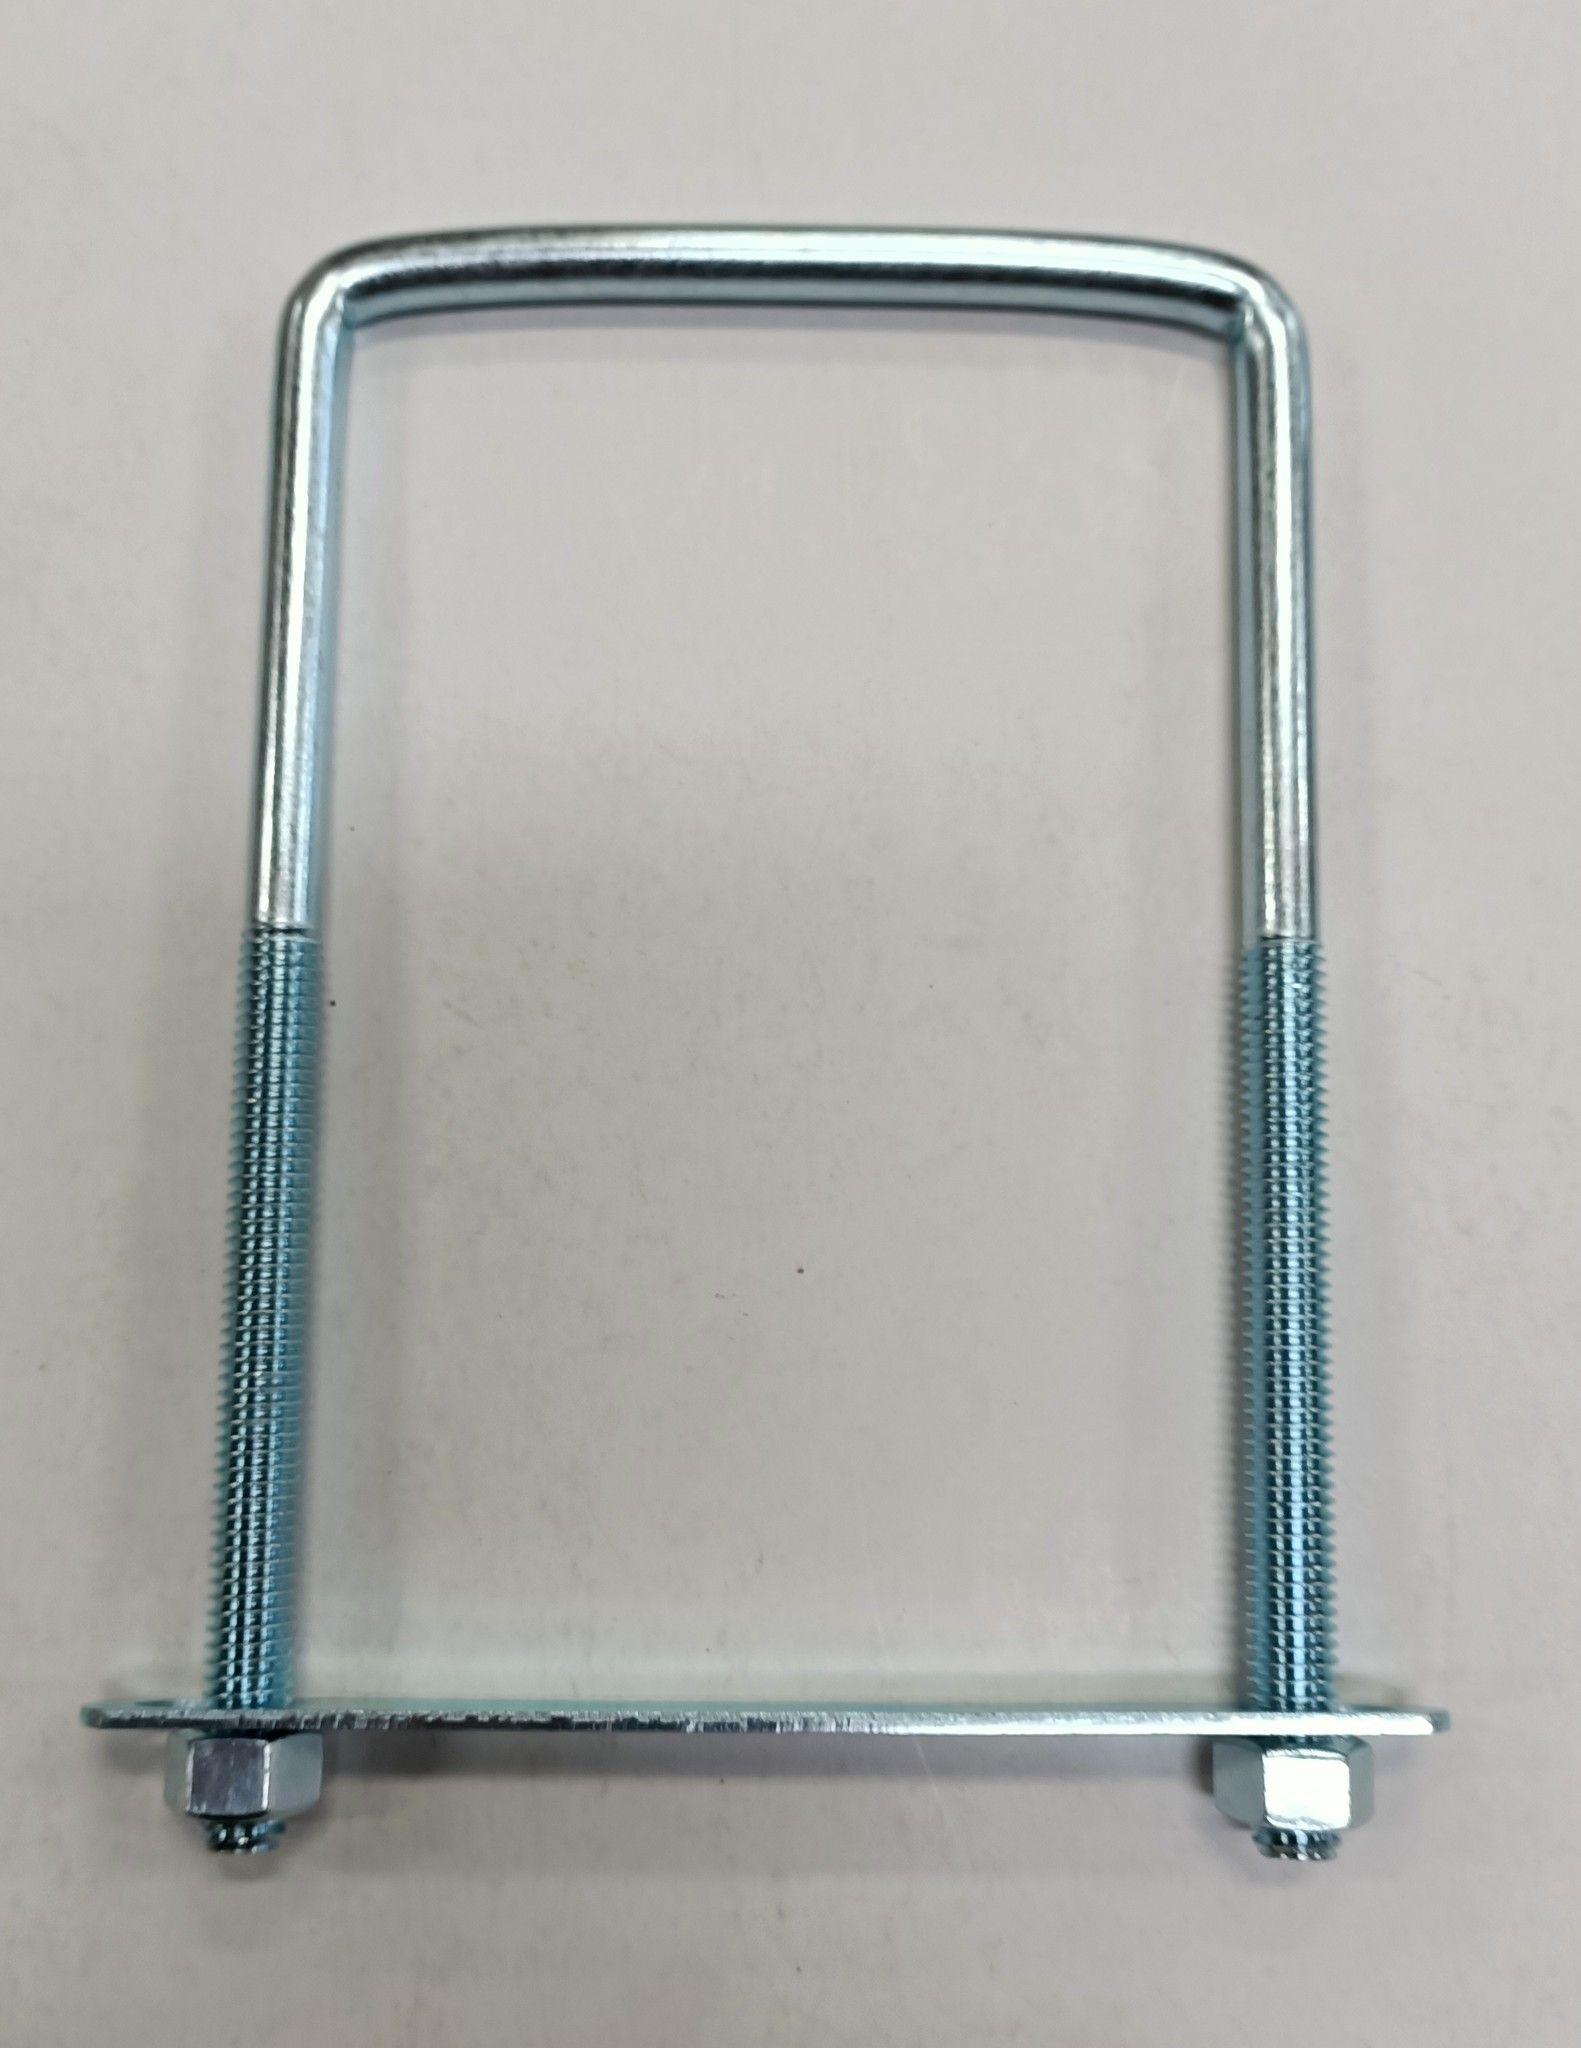 Cavallotto quadro mm 8 x 177 con piastra e dadi in ferro zincato